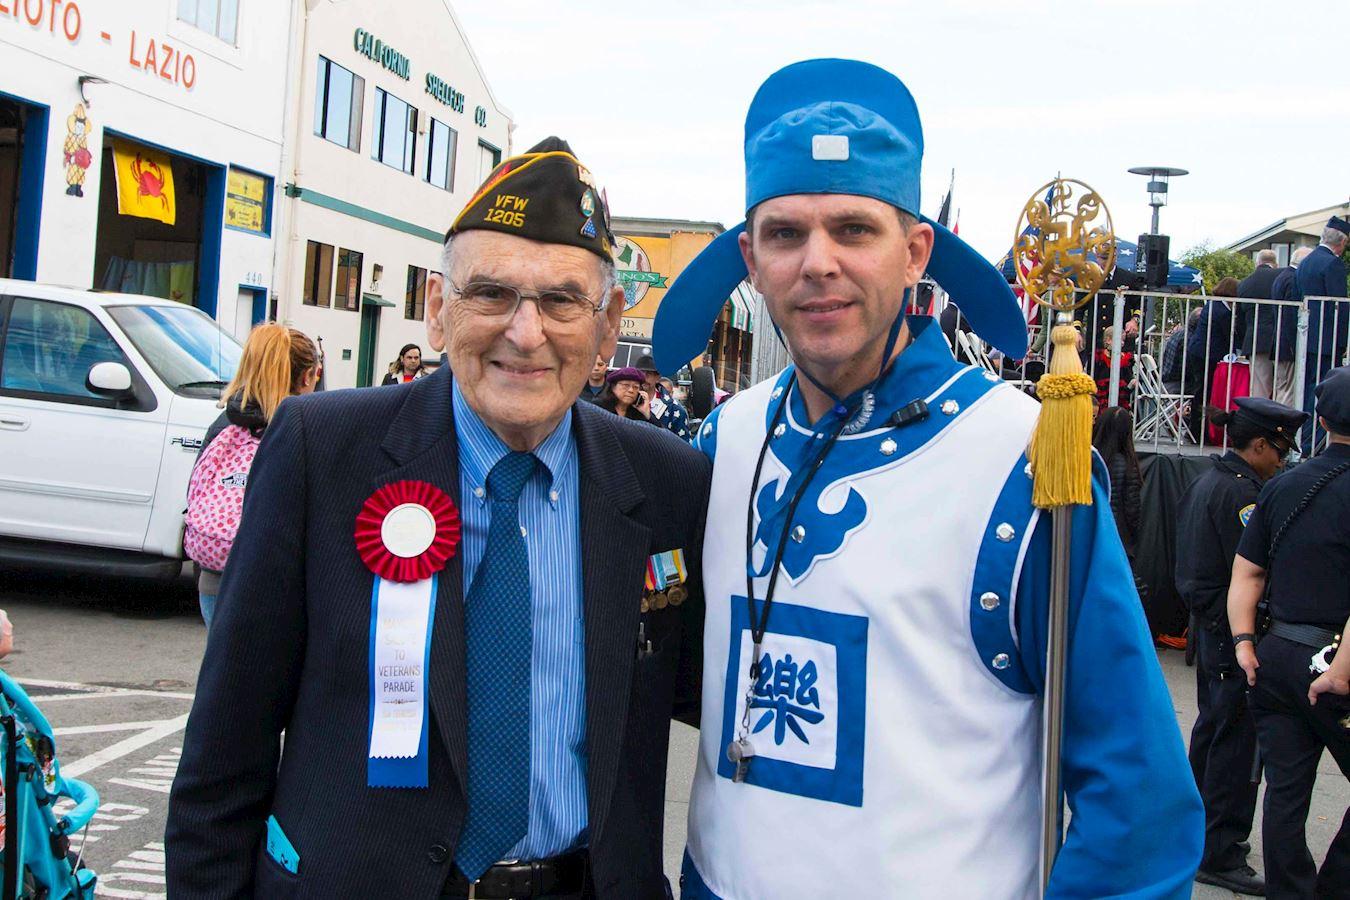 游行主办者Wallace Levin(左)表示,法轮功学员能参加老兵节游行,他感到荣幸。(明慧网)